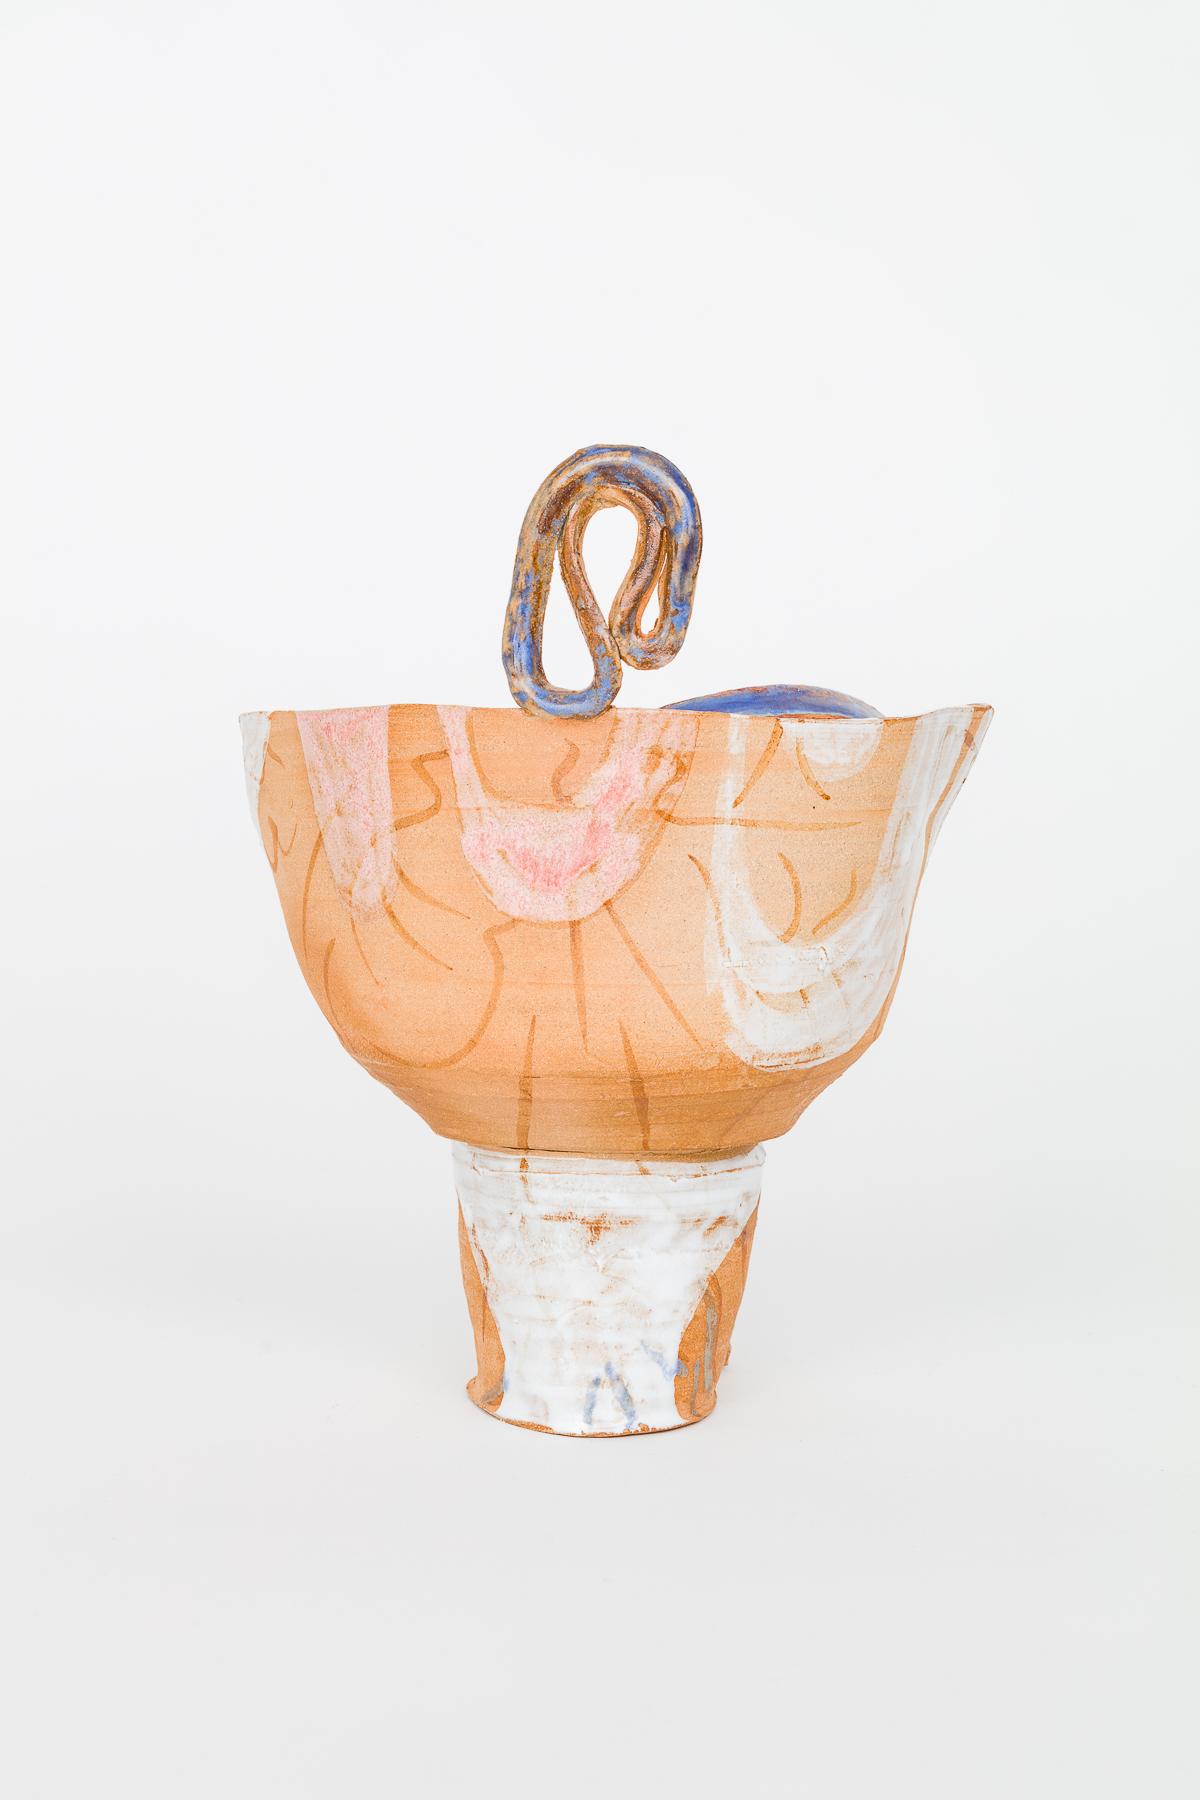 Anna Schachinger_Keramikskulpturen_bykunstdokumentationcom_27.jpg